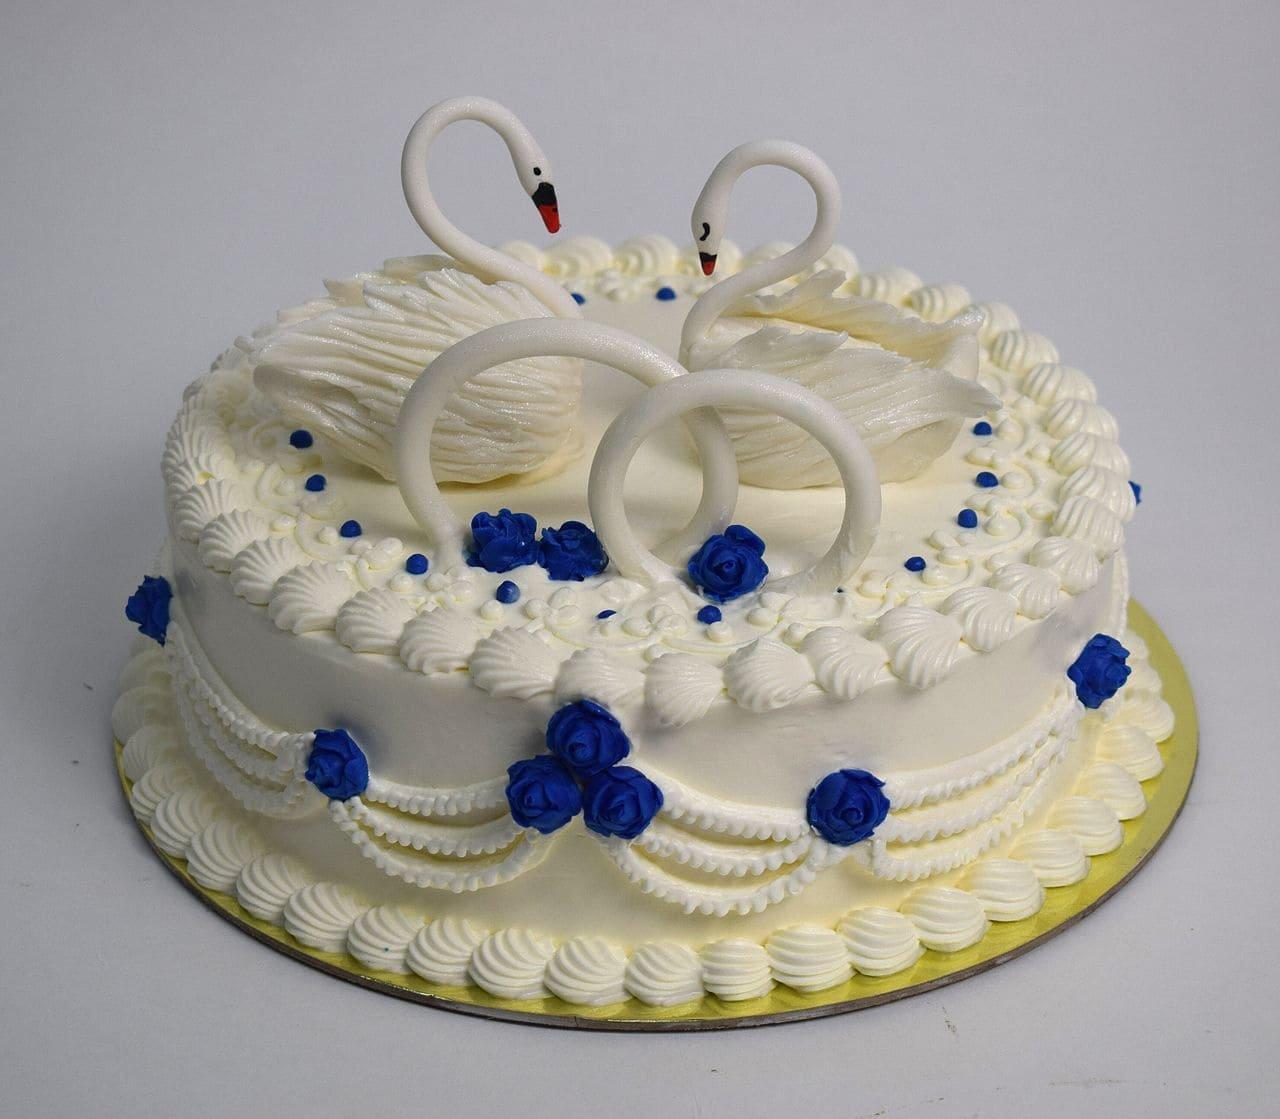 ольги пришли свадебный торт фото одноярусный без мастики лучшие